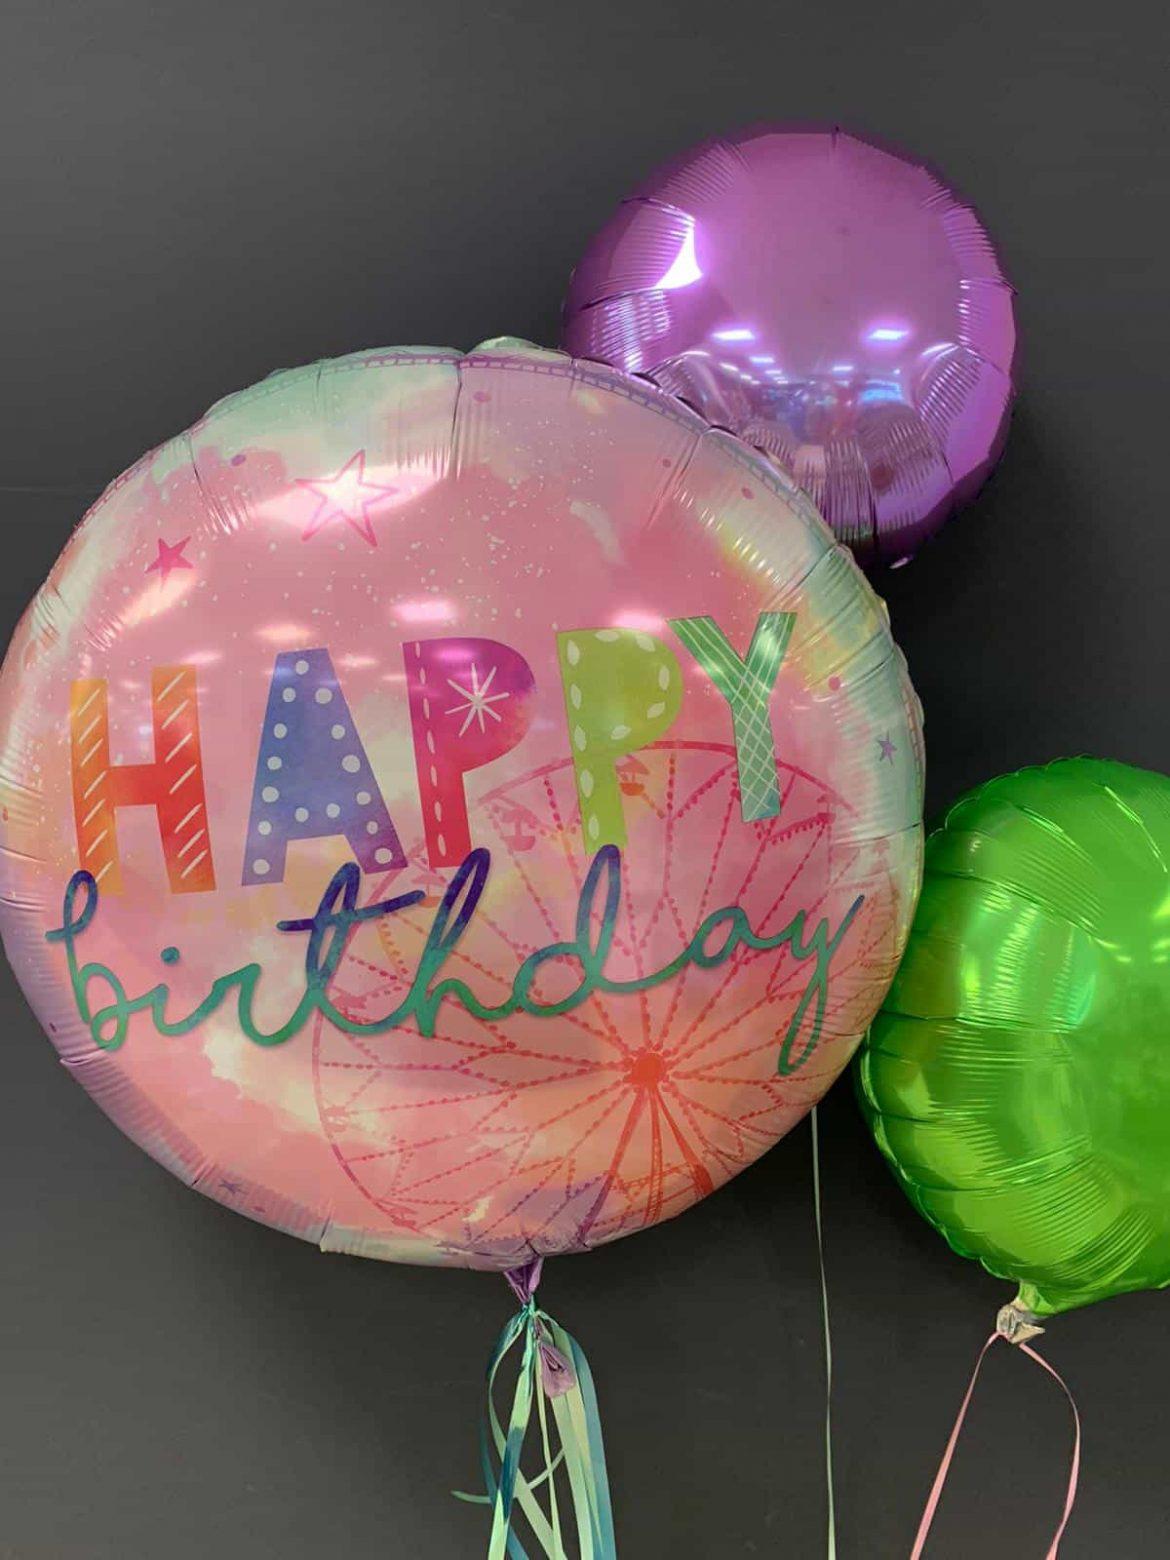 Girlchella 71cm Durchmesser<br>Happy Birthday € 5,50<br>Dekoballon € 4,50 1